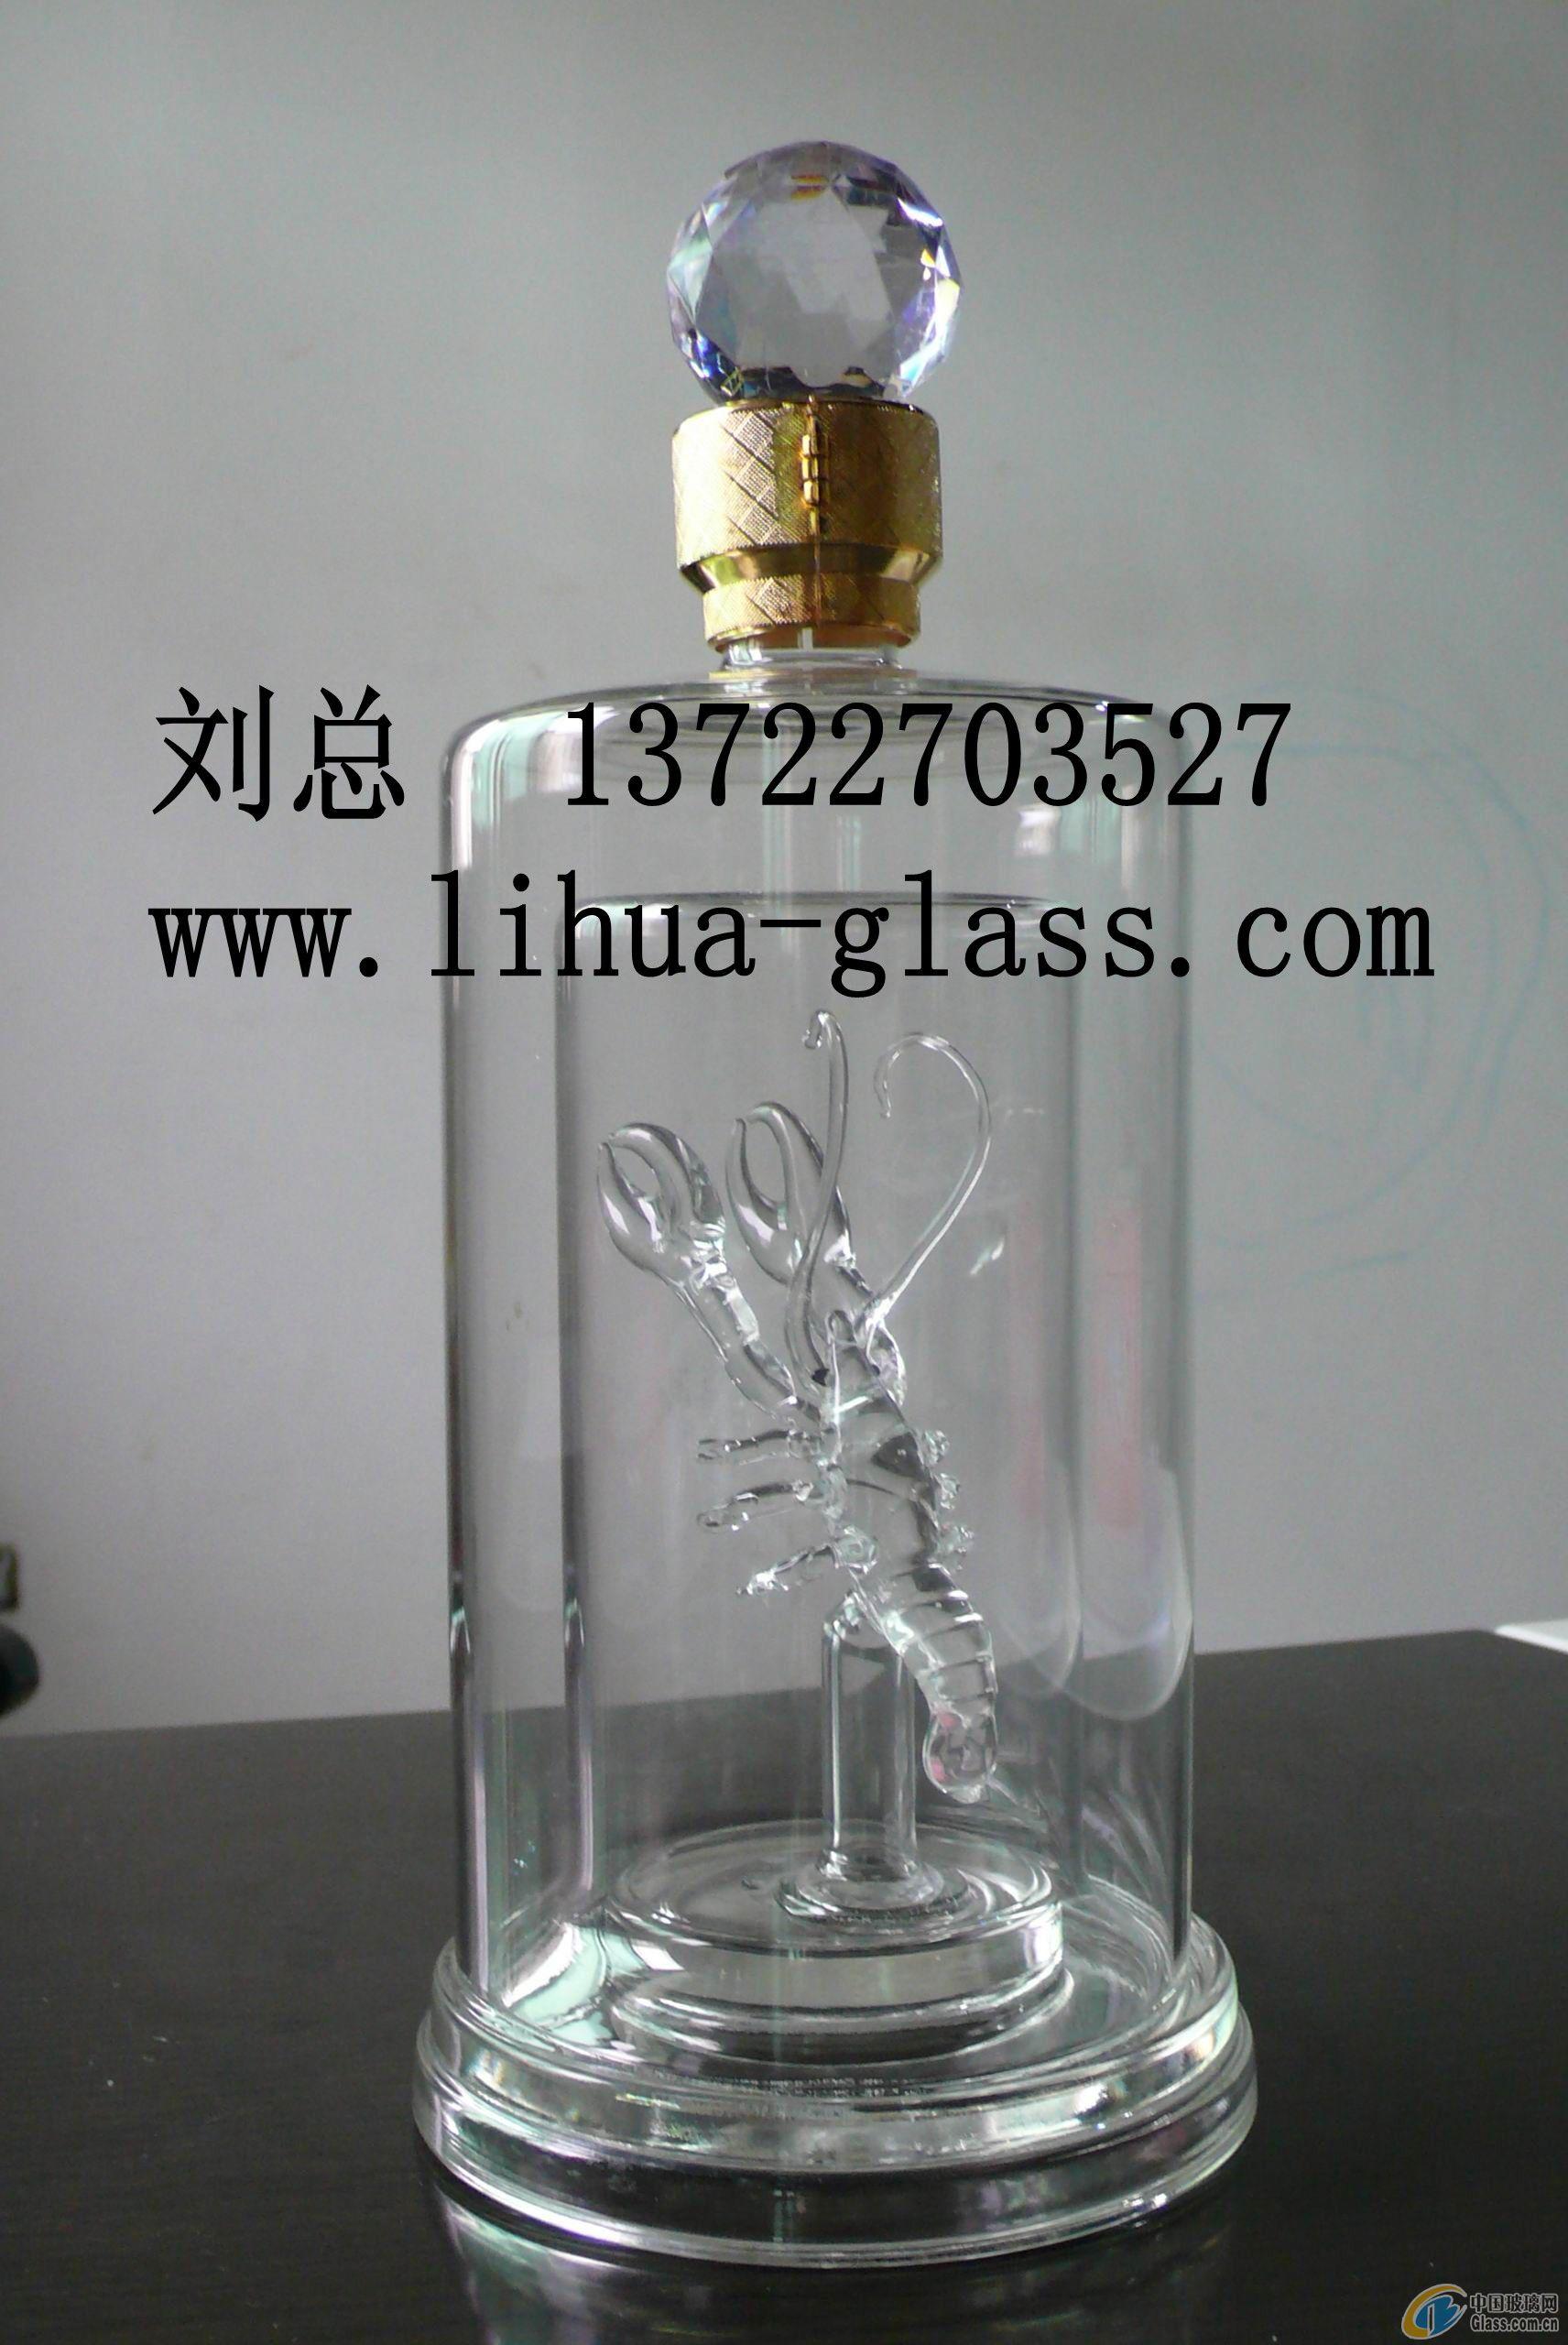 供应高档工艺酒瓶-酒瓶-中国玻璃网